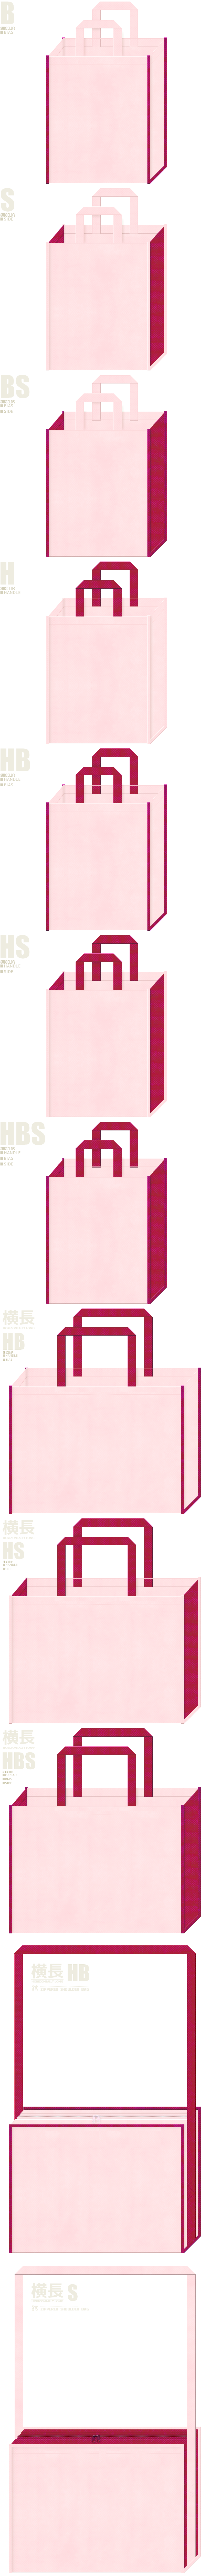 ガーリー・ハート・母の日・ひな祭りのイメージにお奨めの不織布バッグデザイン:桜色と濃いピンク色の配色7パターン。